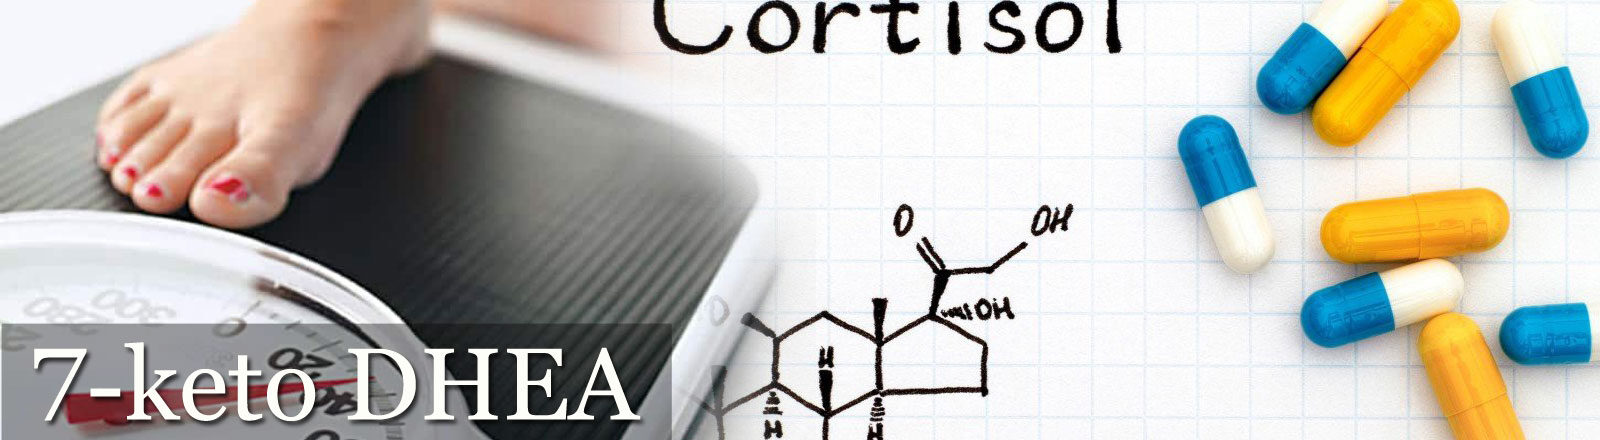 7-Keto DHEA - Контрол на кортизола при диети за отслабване